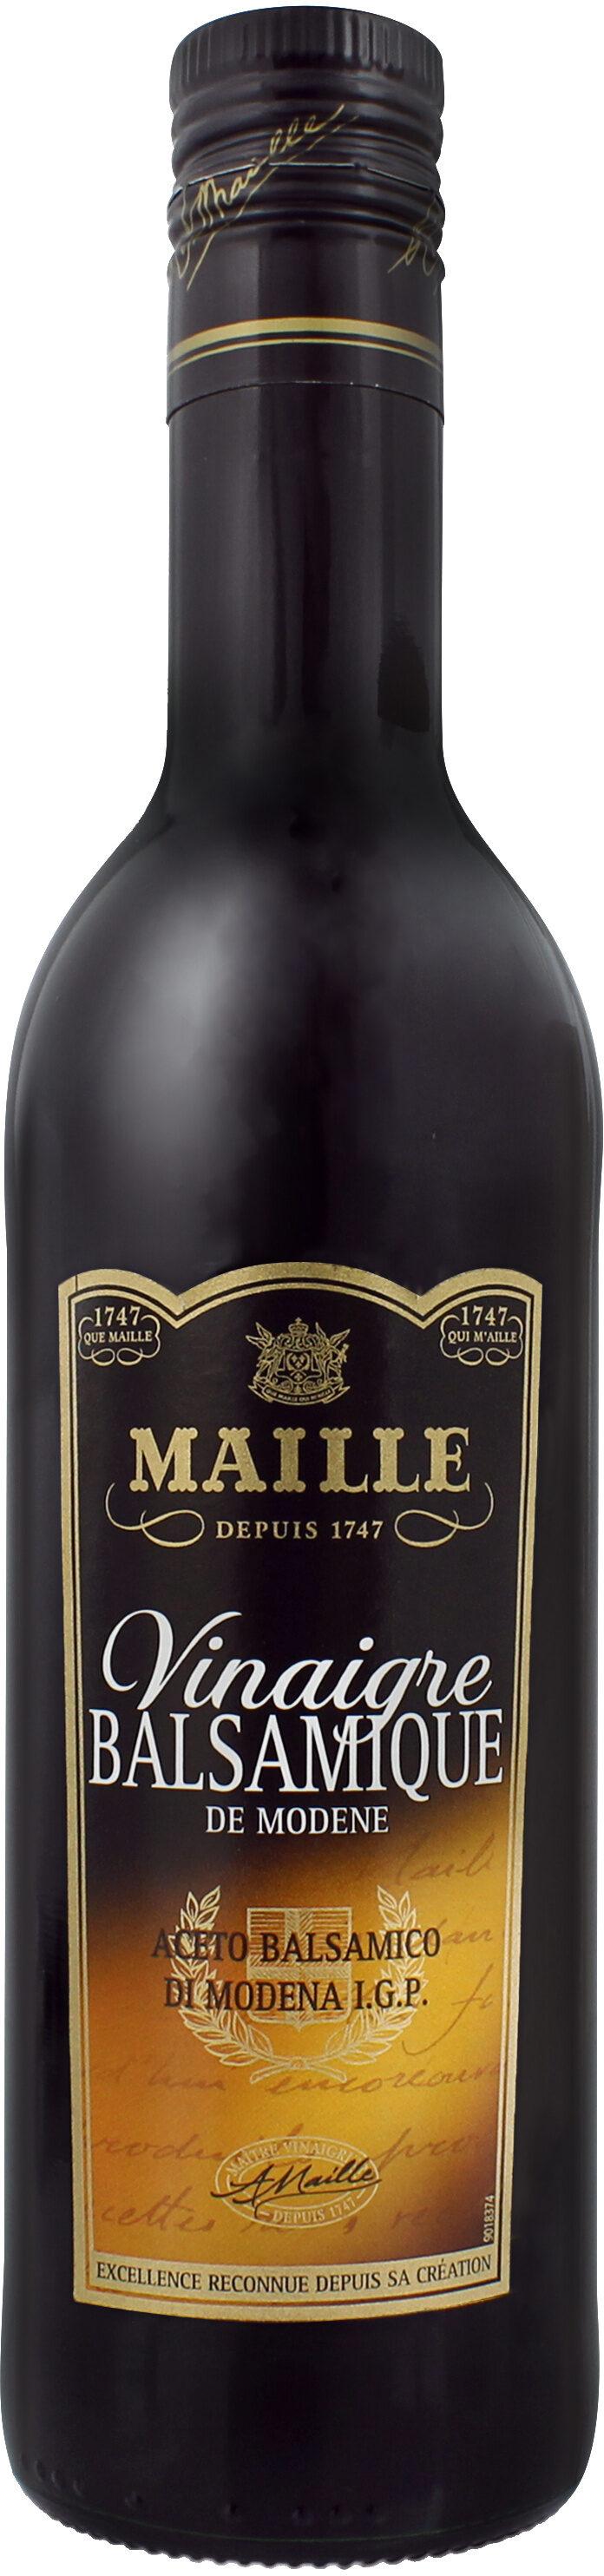 Maille Vinaigre Balsamique de Modène - Product - fr